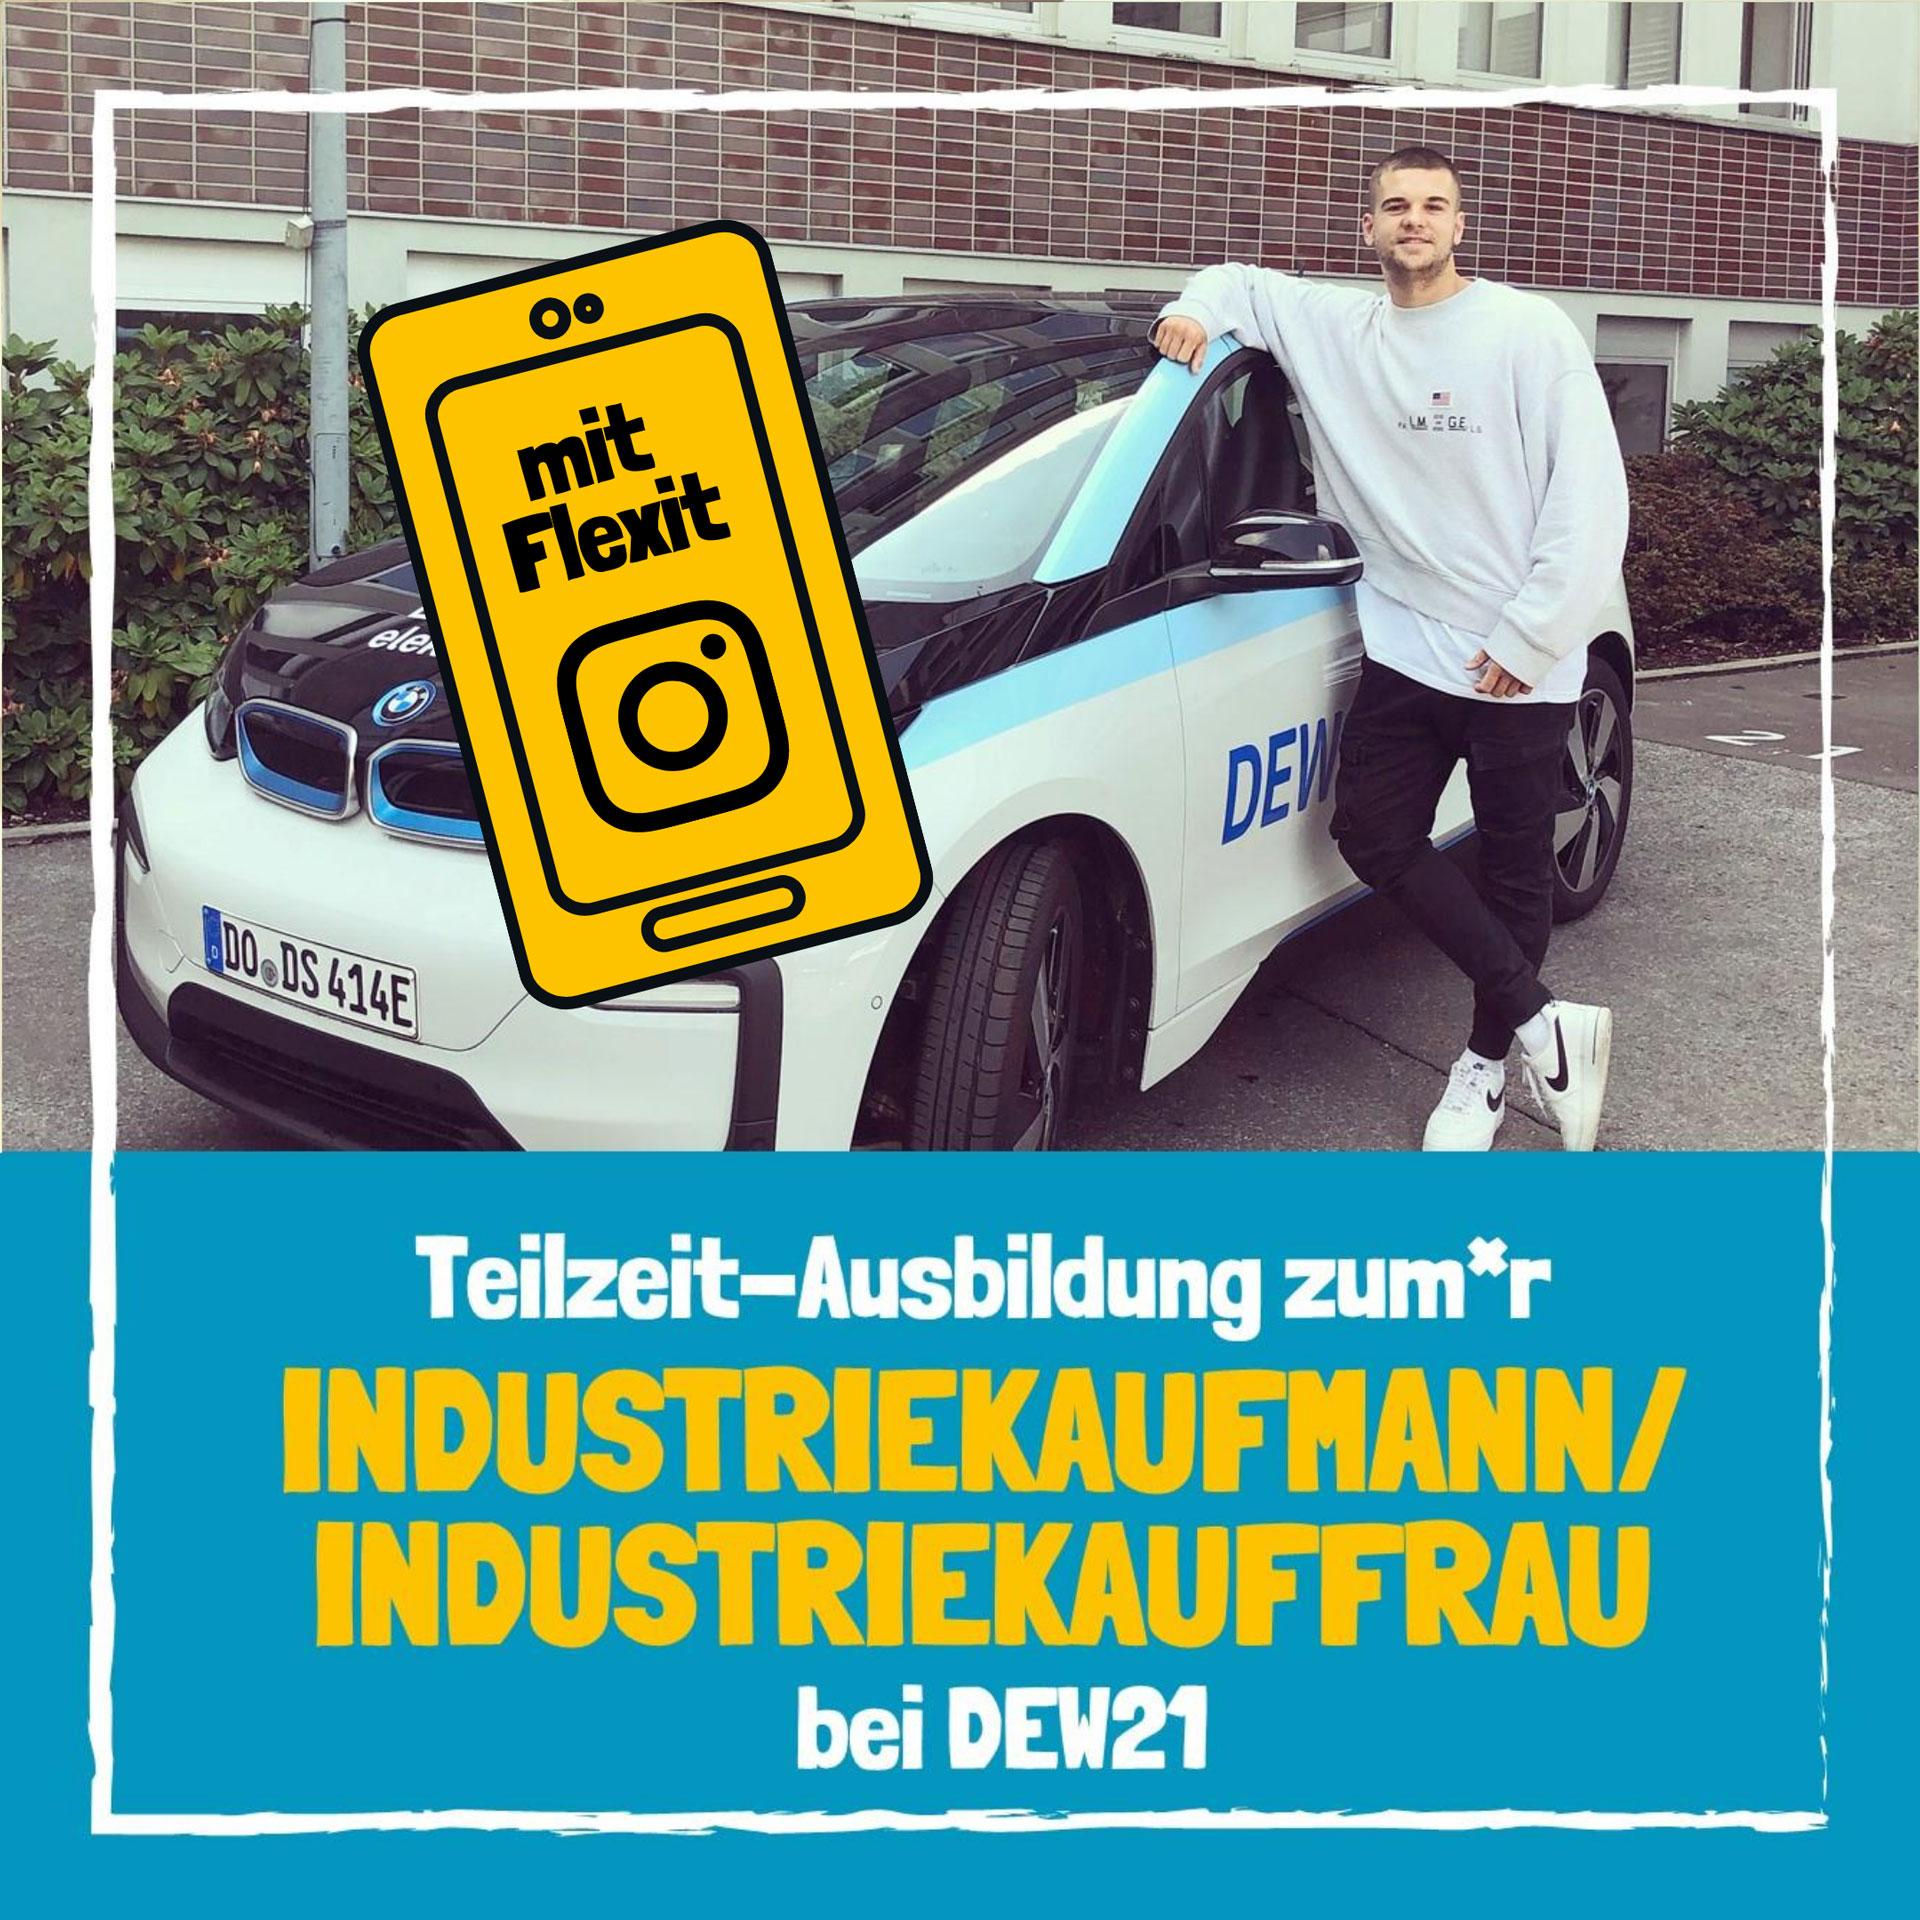 teilzeit-ausbildung-industriekaufmann-frau-dew21